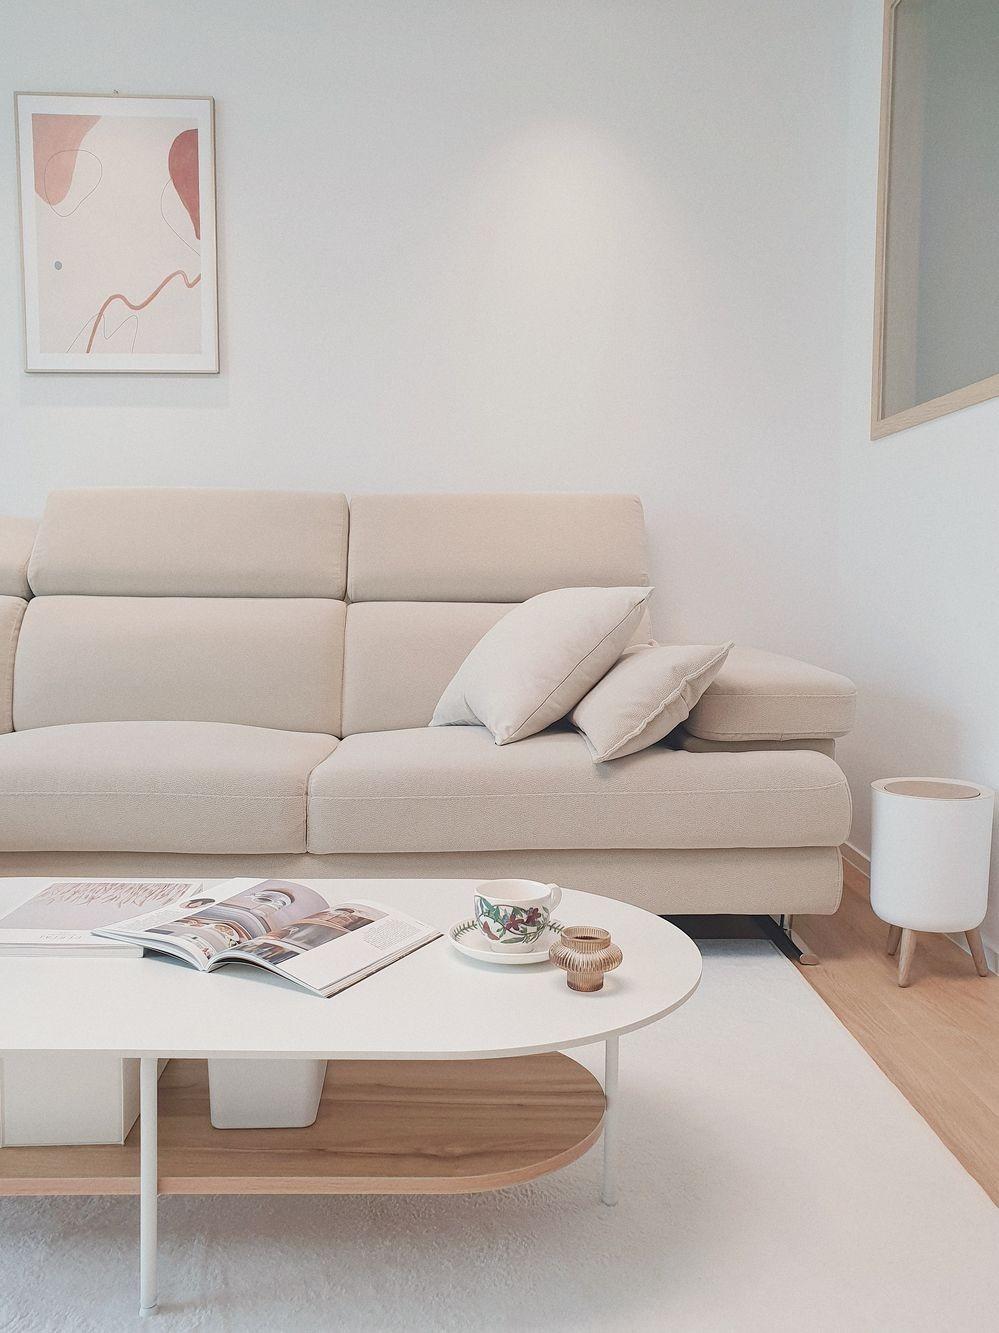 """沐鸣2注册登录 这套""""减法装修""""设计案例,当摆设的家具一律不买,房子越住越大"""